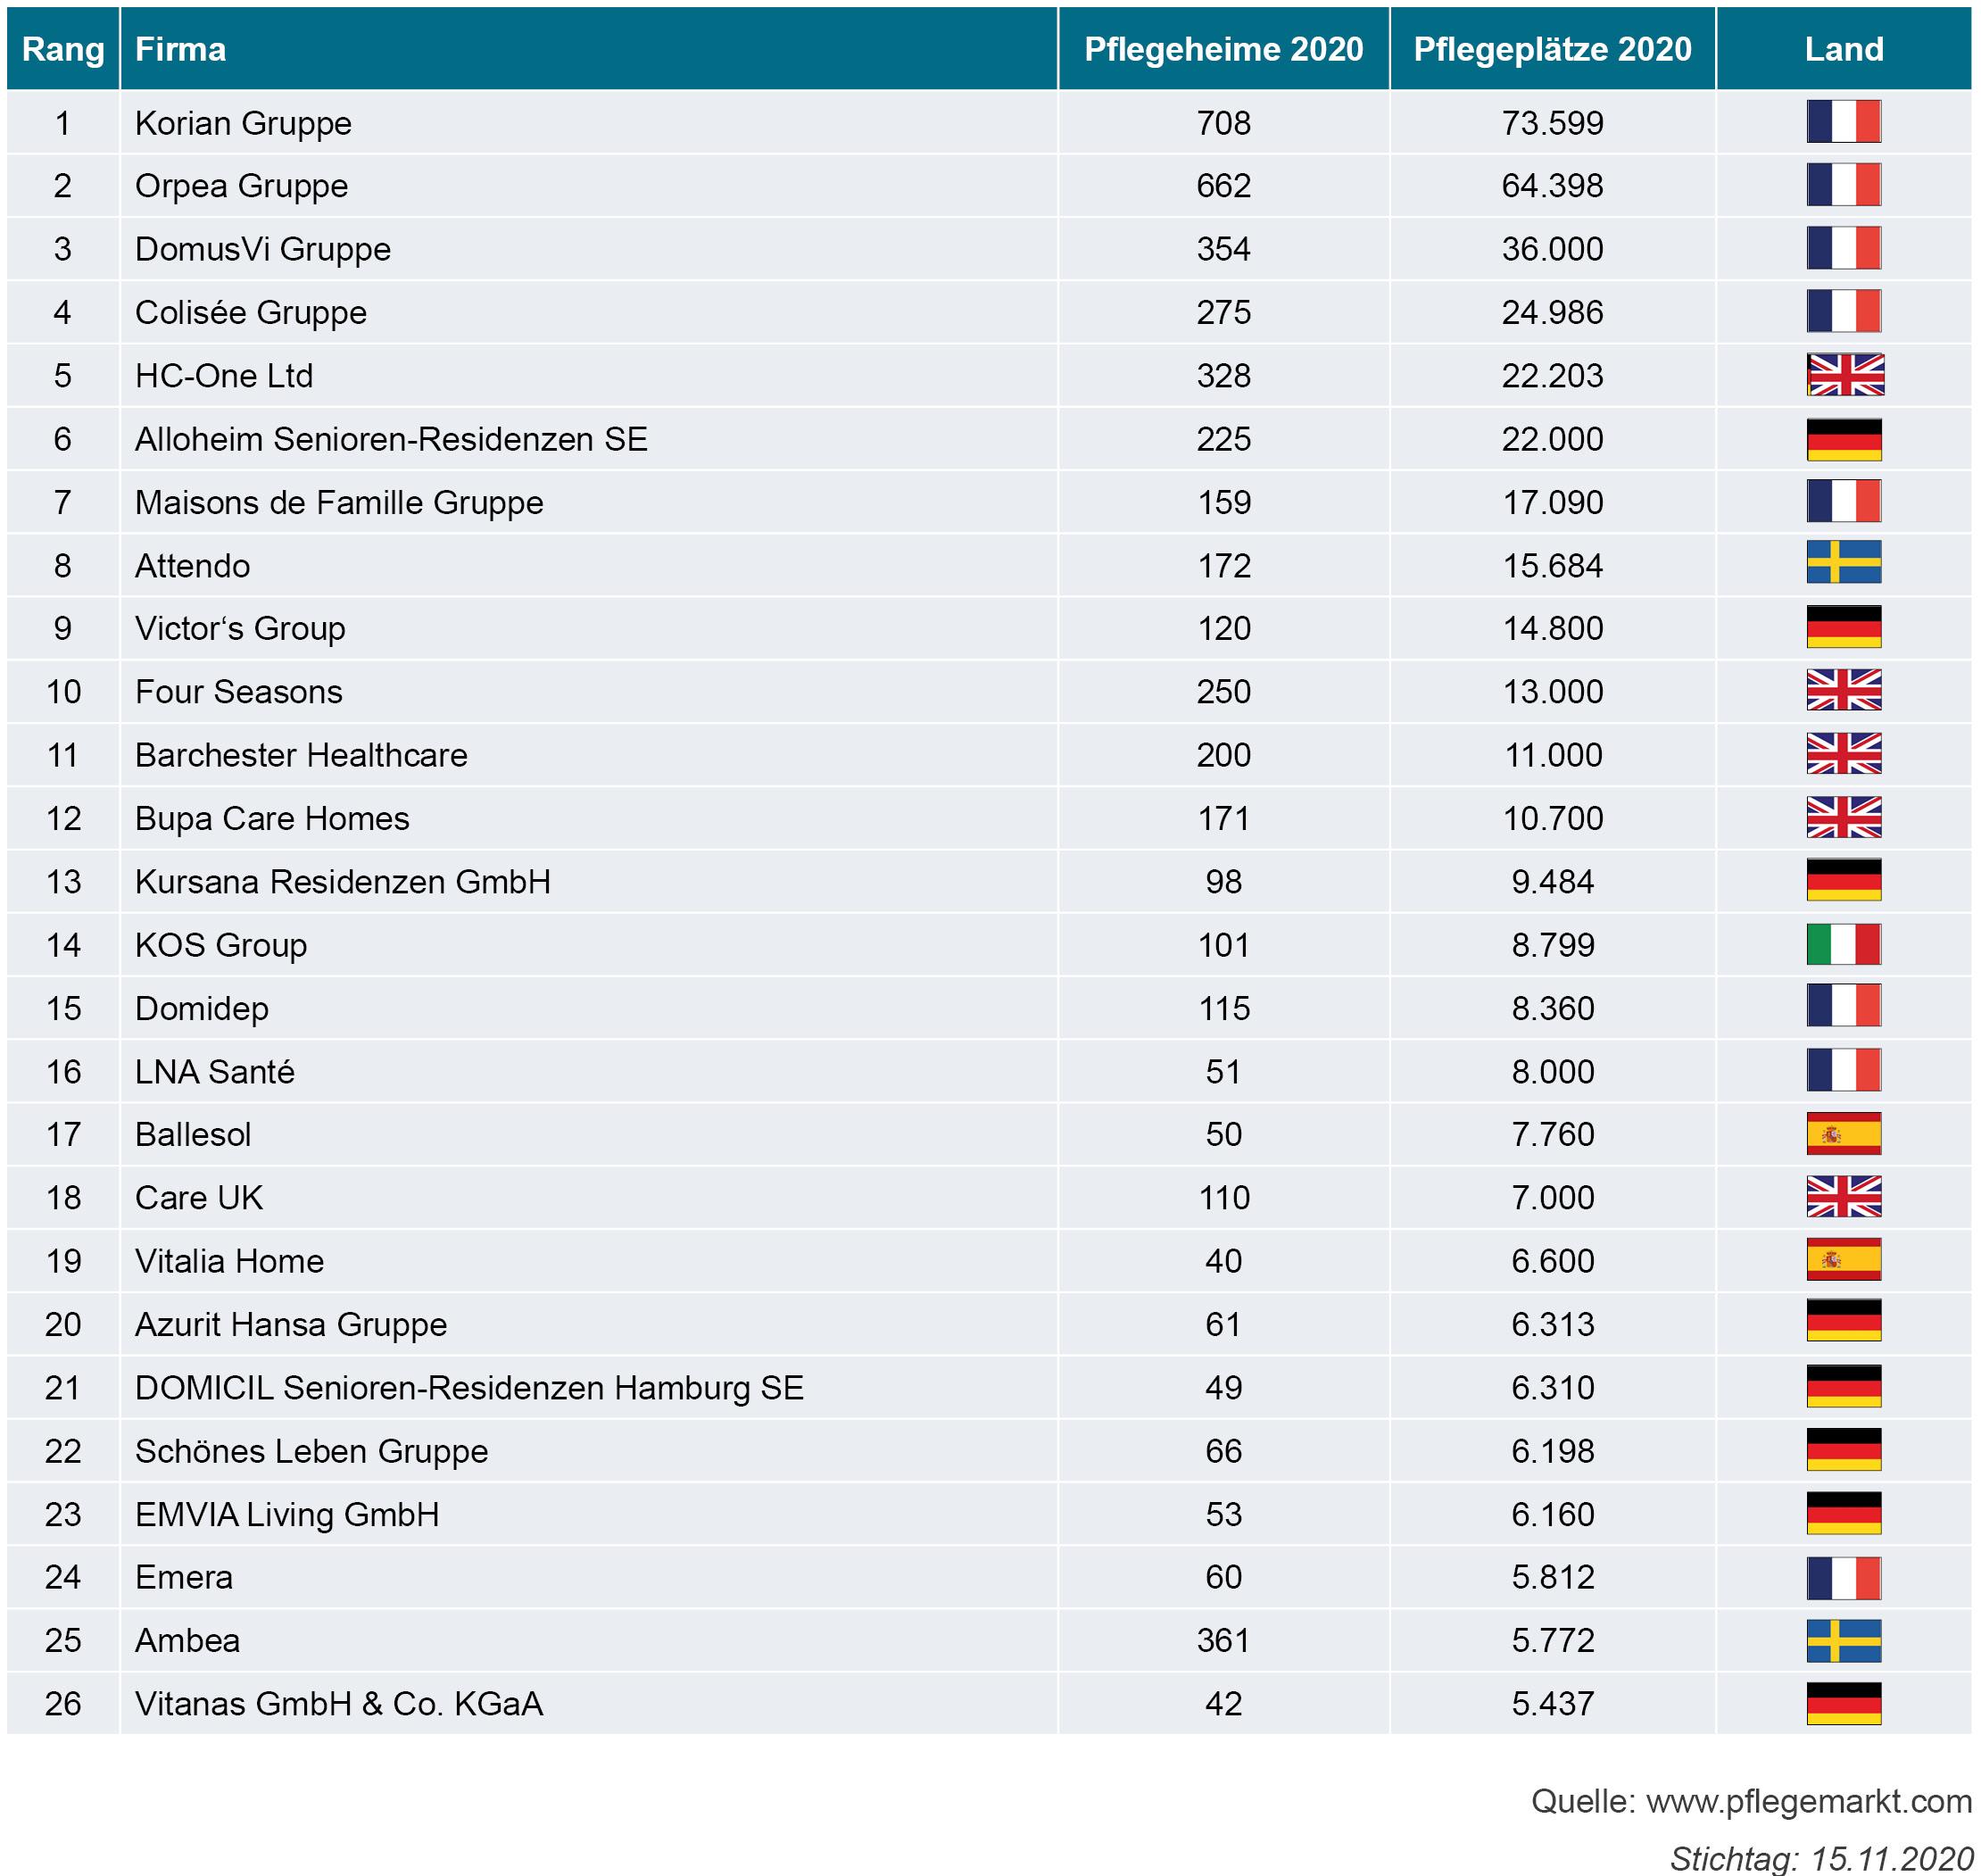 Die Top 25 Pflegeheimbetreiber Europa 2021